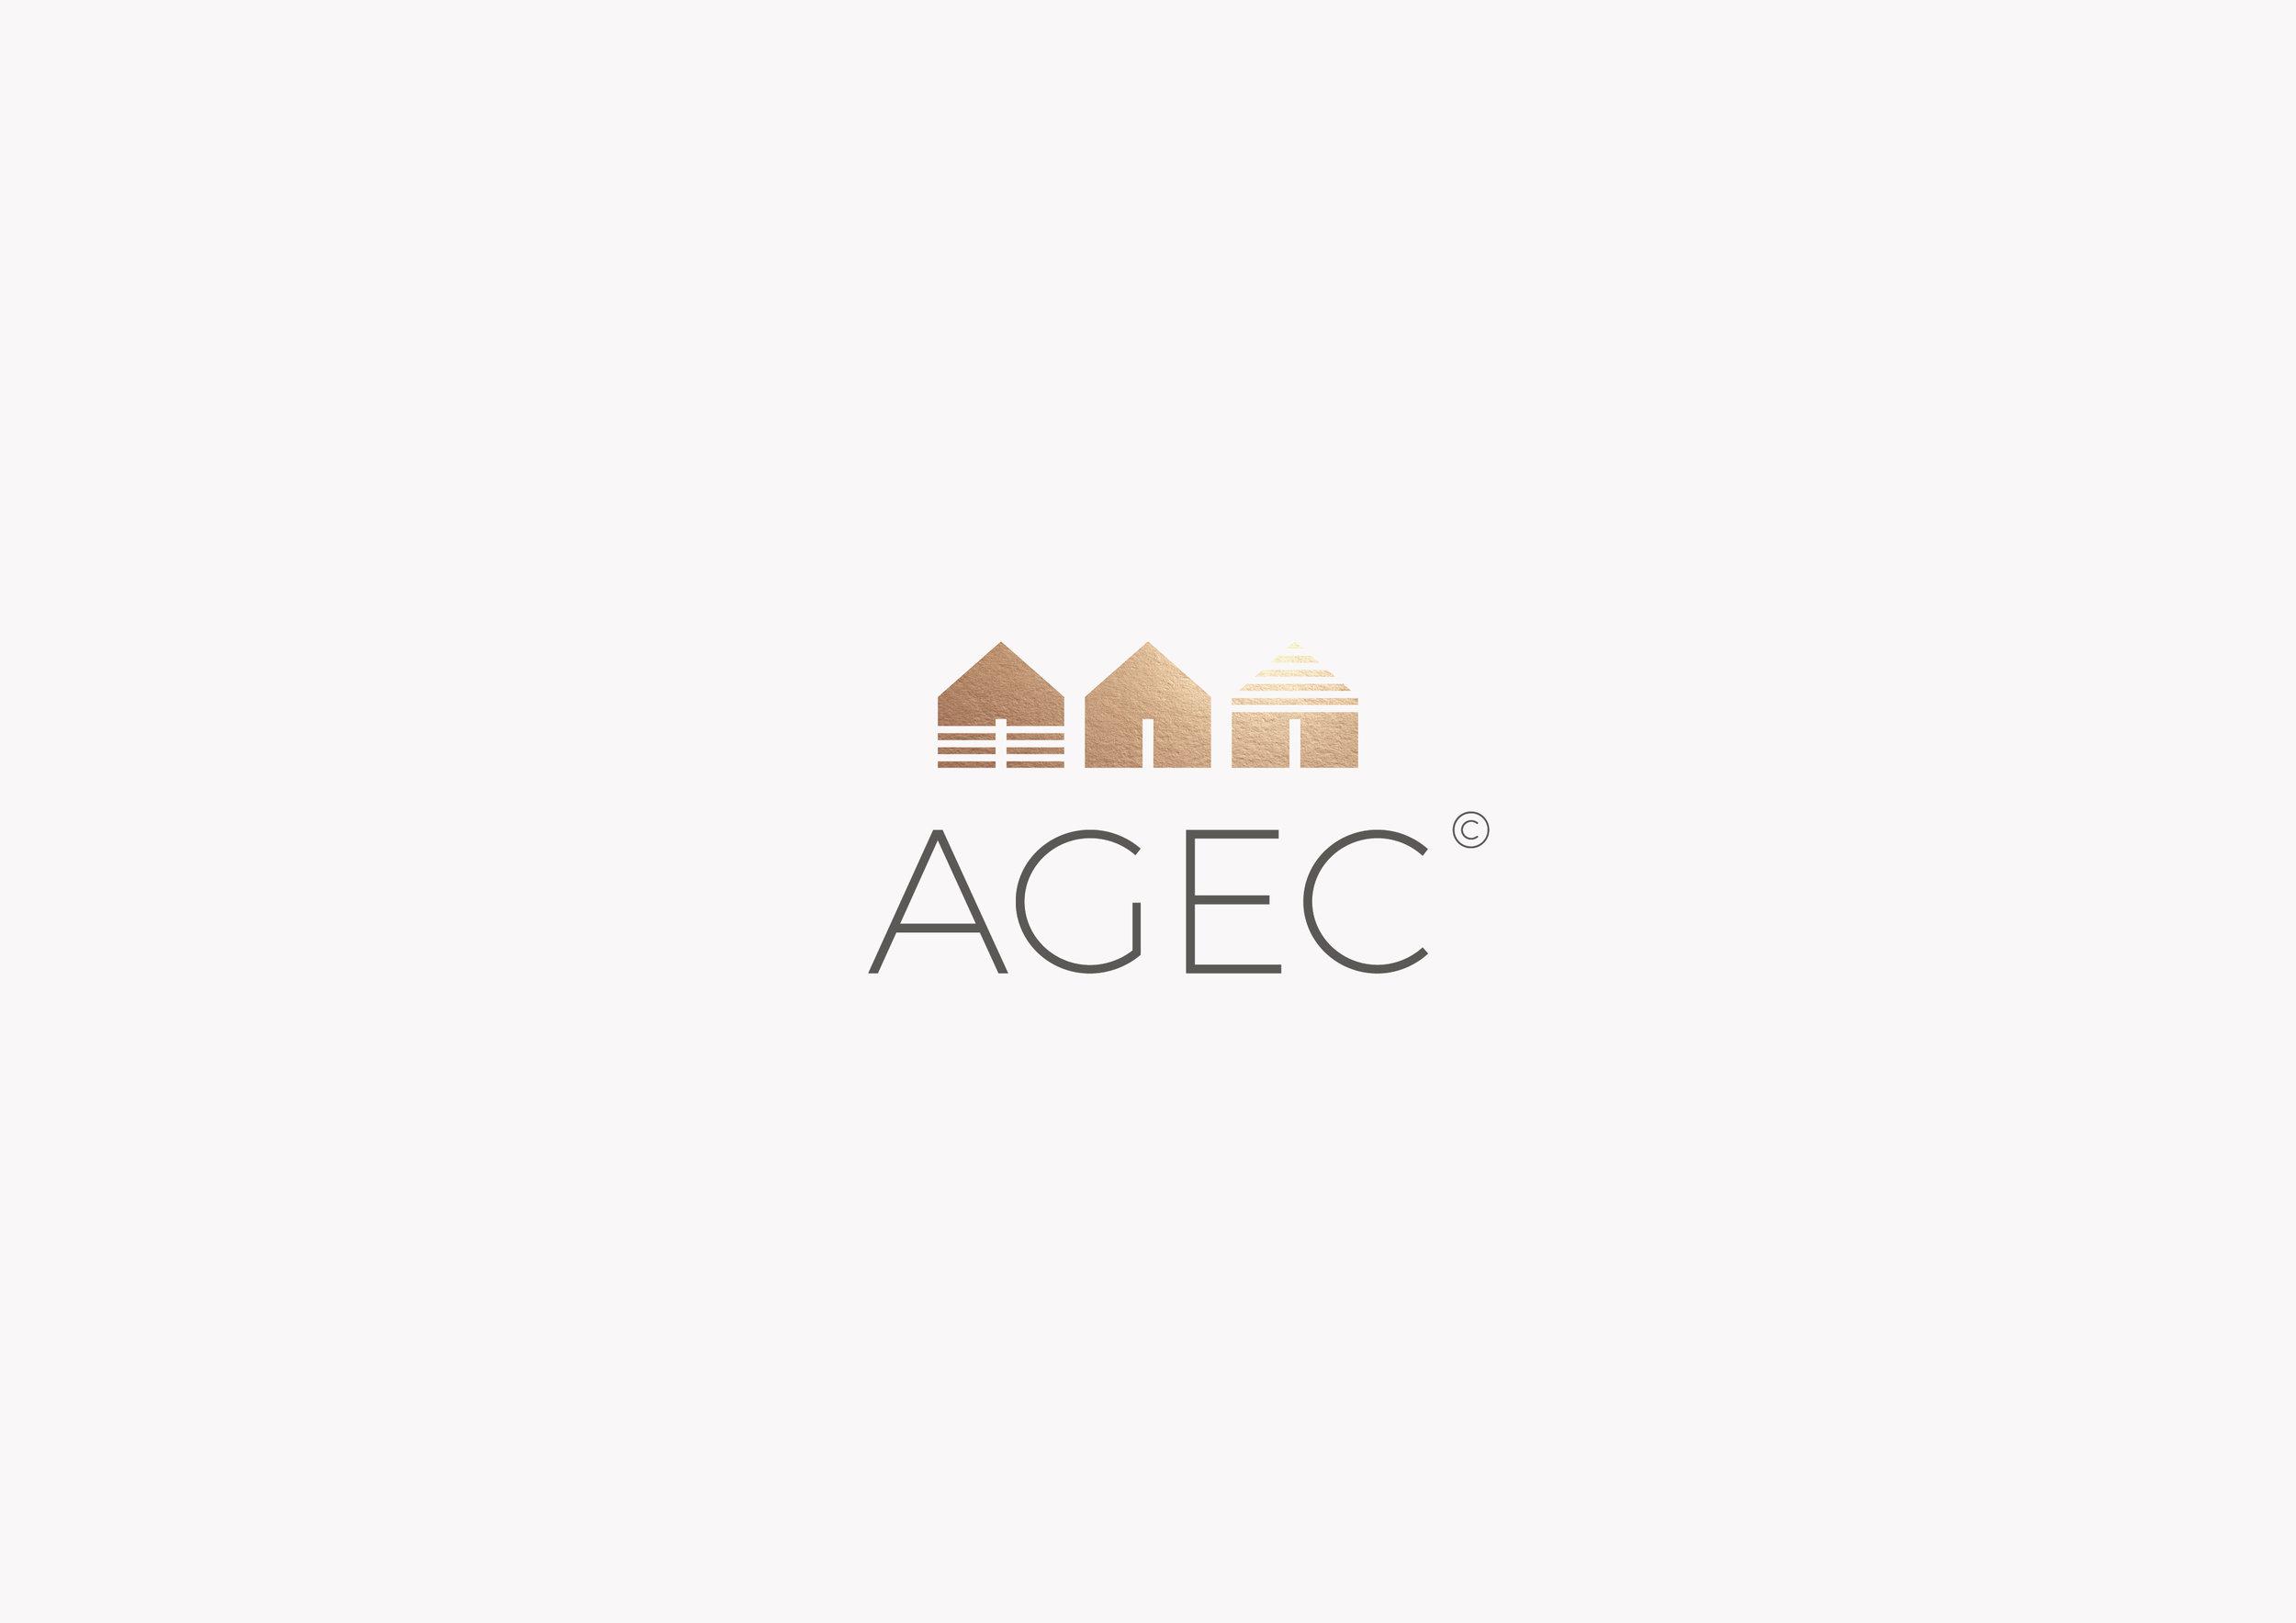 agec 1.jpg